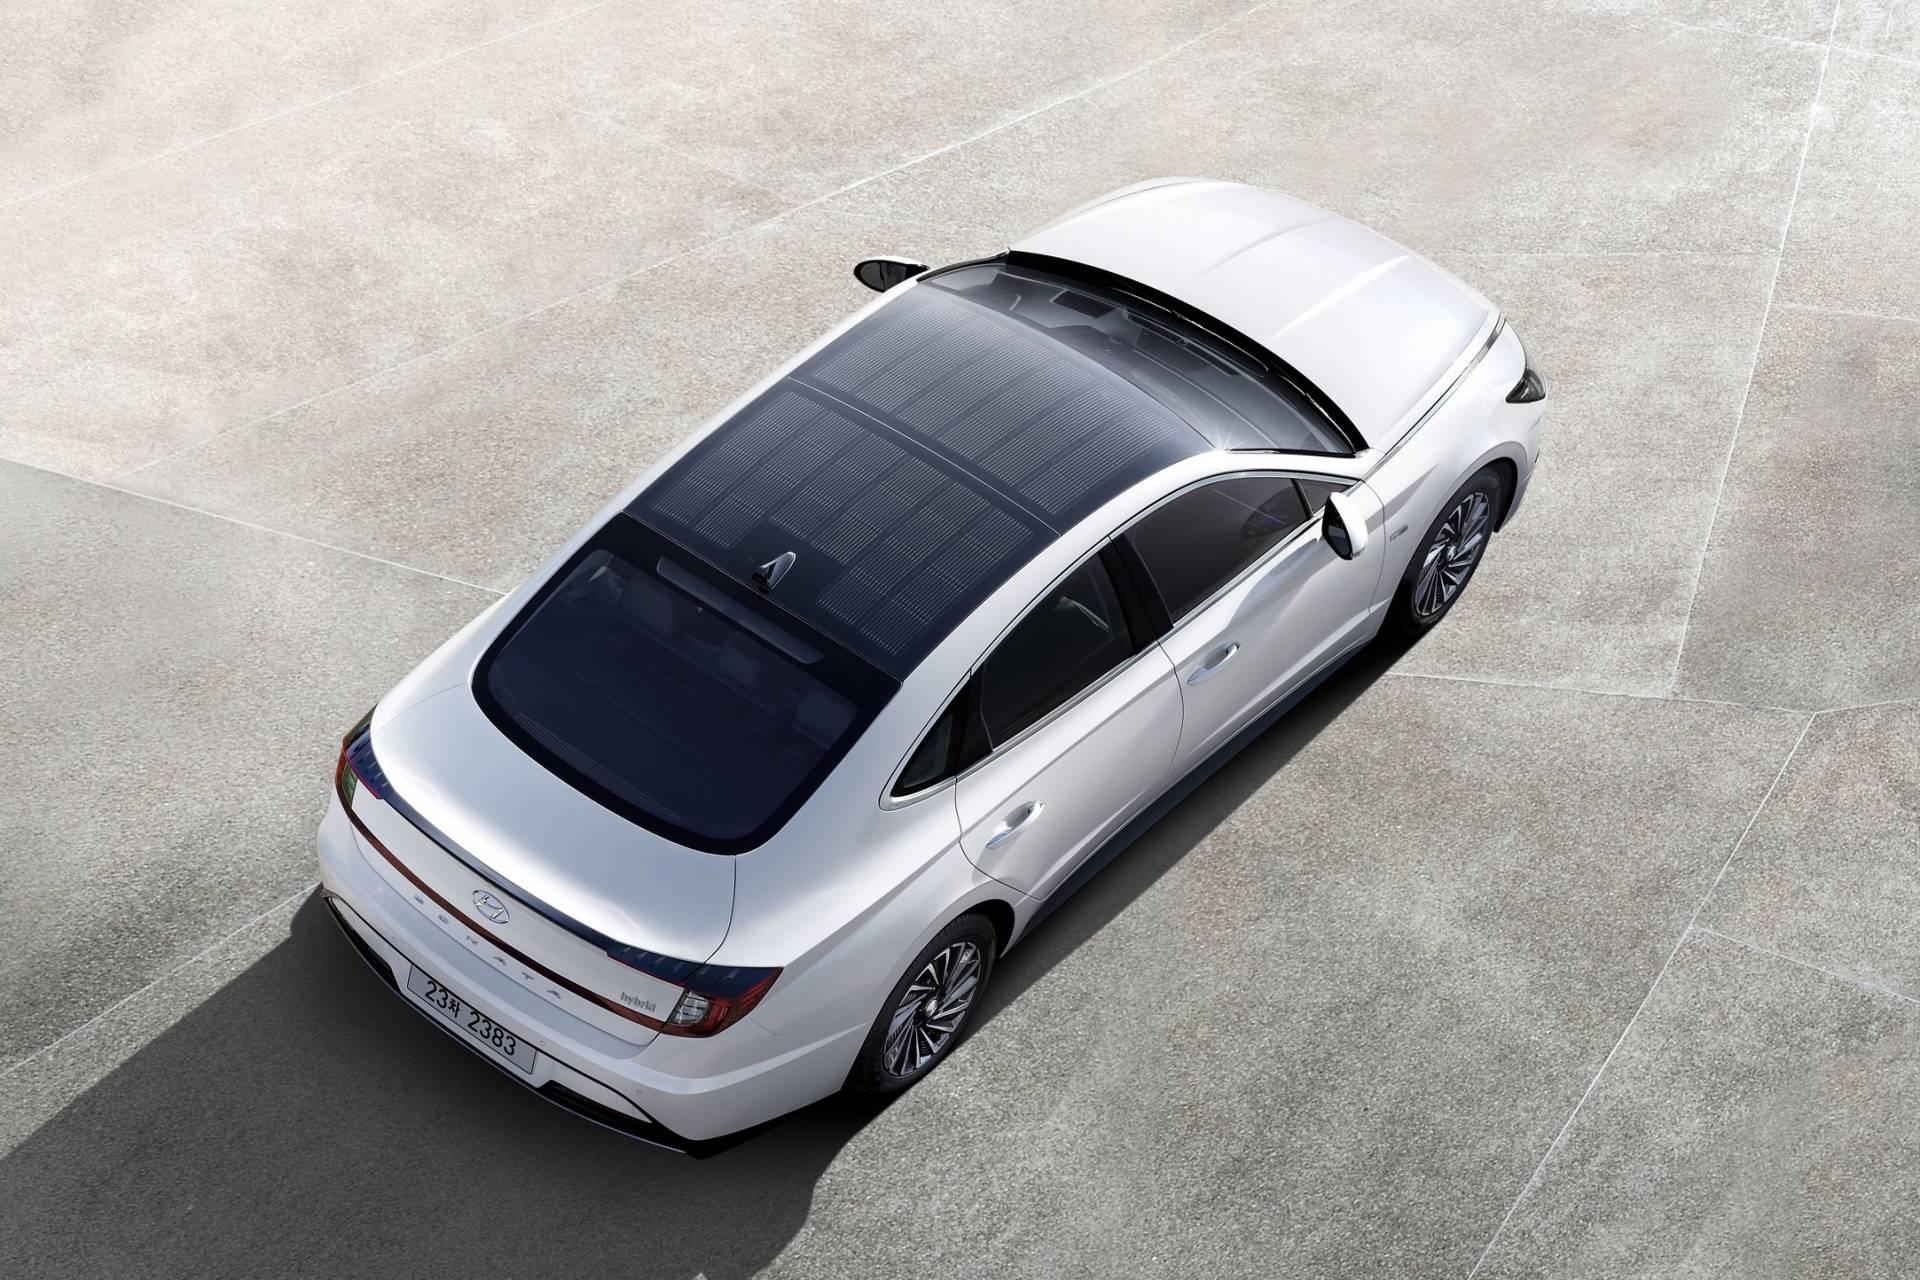 2020_Hyundai_Sonata_Hybrid_0002